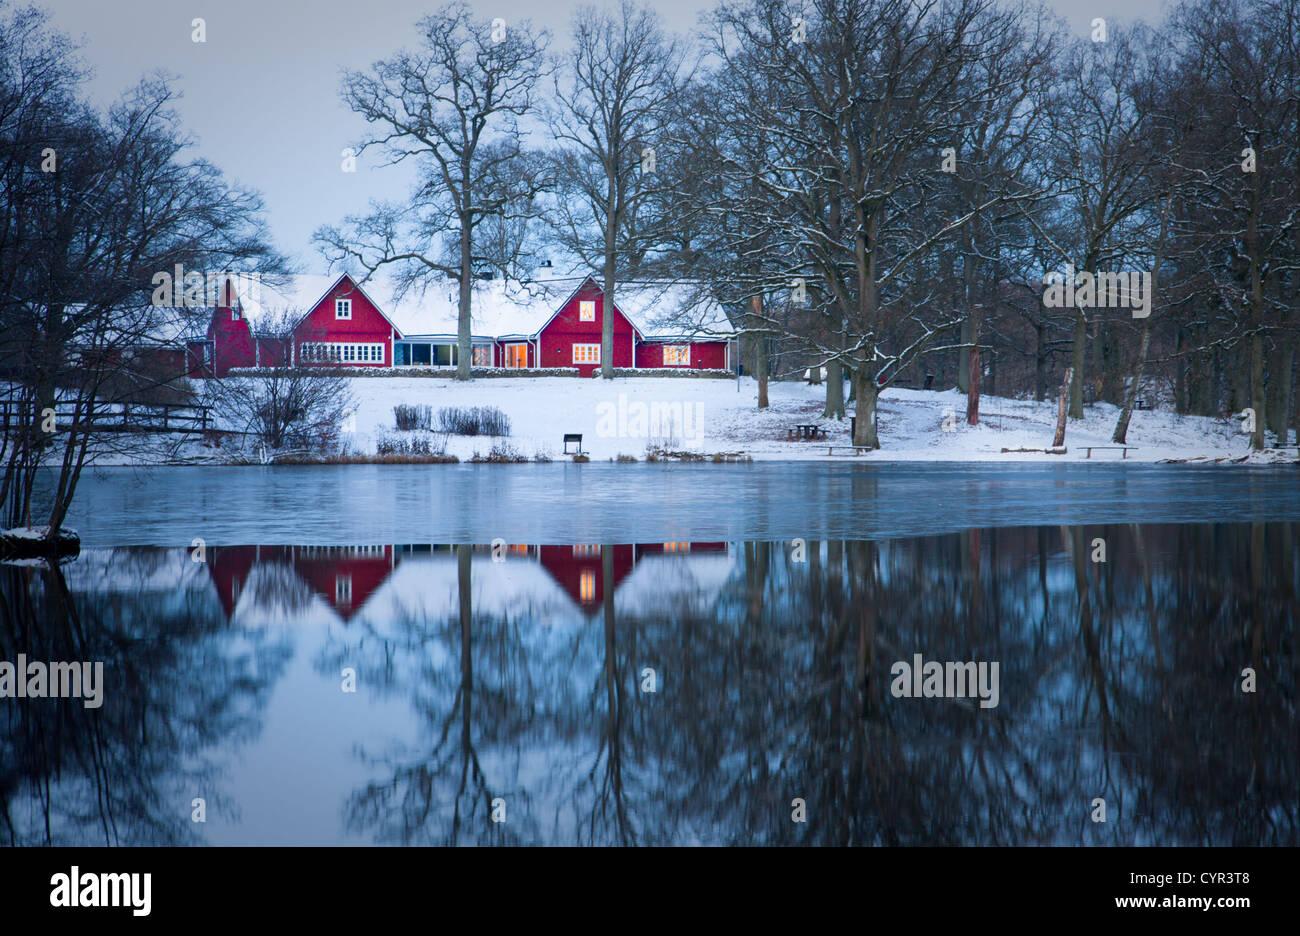 Rote Haus ein Sonnenaufgang in der Nähe von einem See mit seinen Überlegungen. Stockbild